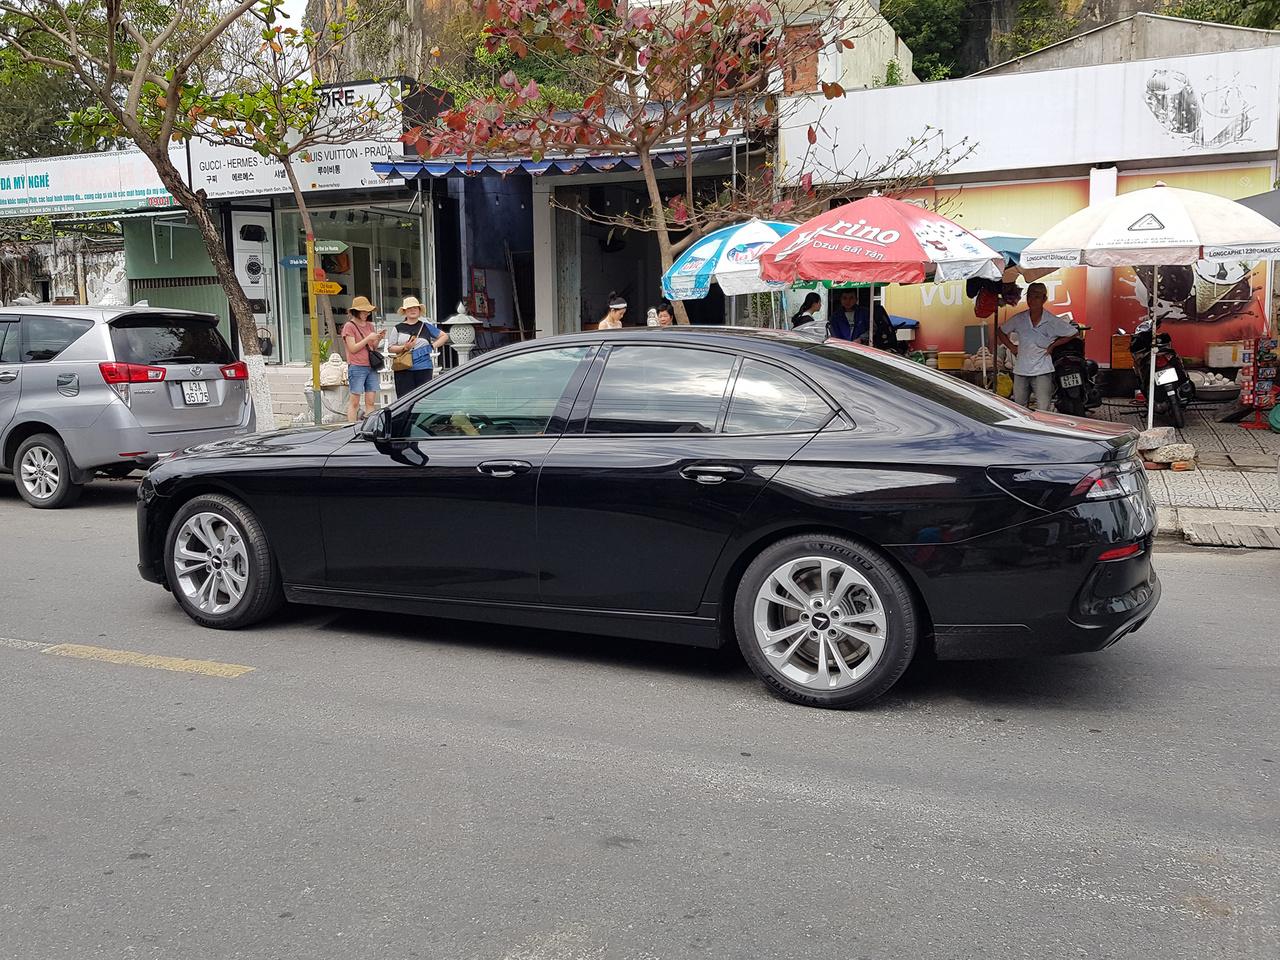 Sikerült! Ennél egzotikusabb típust nem láttam az egész országban. Vinfast Lux A2.0 szpottolás DaNang márványhegyeinek lábánál. Összesen három darabot sikerült az első vietnámi autógyár termékeiből lefotózni, ebből egyetlen volt ez a BMW F10 szériára épülő, BMW benzinmotorokat használó limuzin. A termék friss és ropogós, Vietnám leggazdagabb üzletembere, a derék Pham Nhat Vuong pedig nem restell kétmilliárd dollárt áldozni arra, hogy az amerikai piacra is bevezesse a márkát, már 2021-től, mivel a hazai piac nem elegendő hosszabb távon a gazdaságos gyártás fenntartásához. Merész vállalkozás, ilyet sok nagy múltú gyártó sem vállalt be sokáig, nemhogy a működés második-harmadik évében